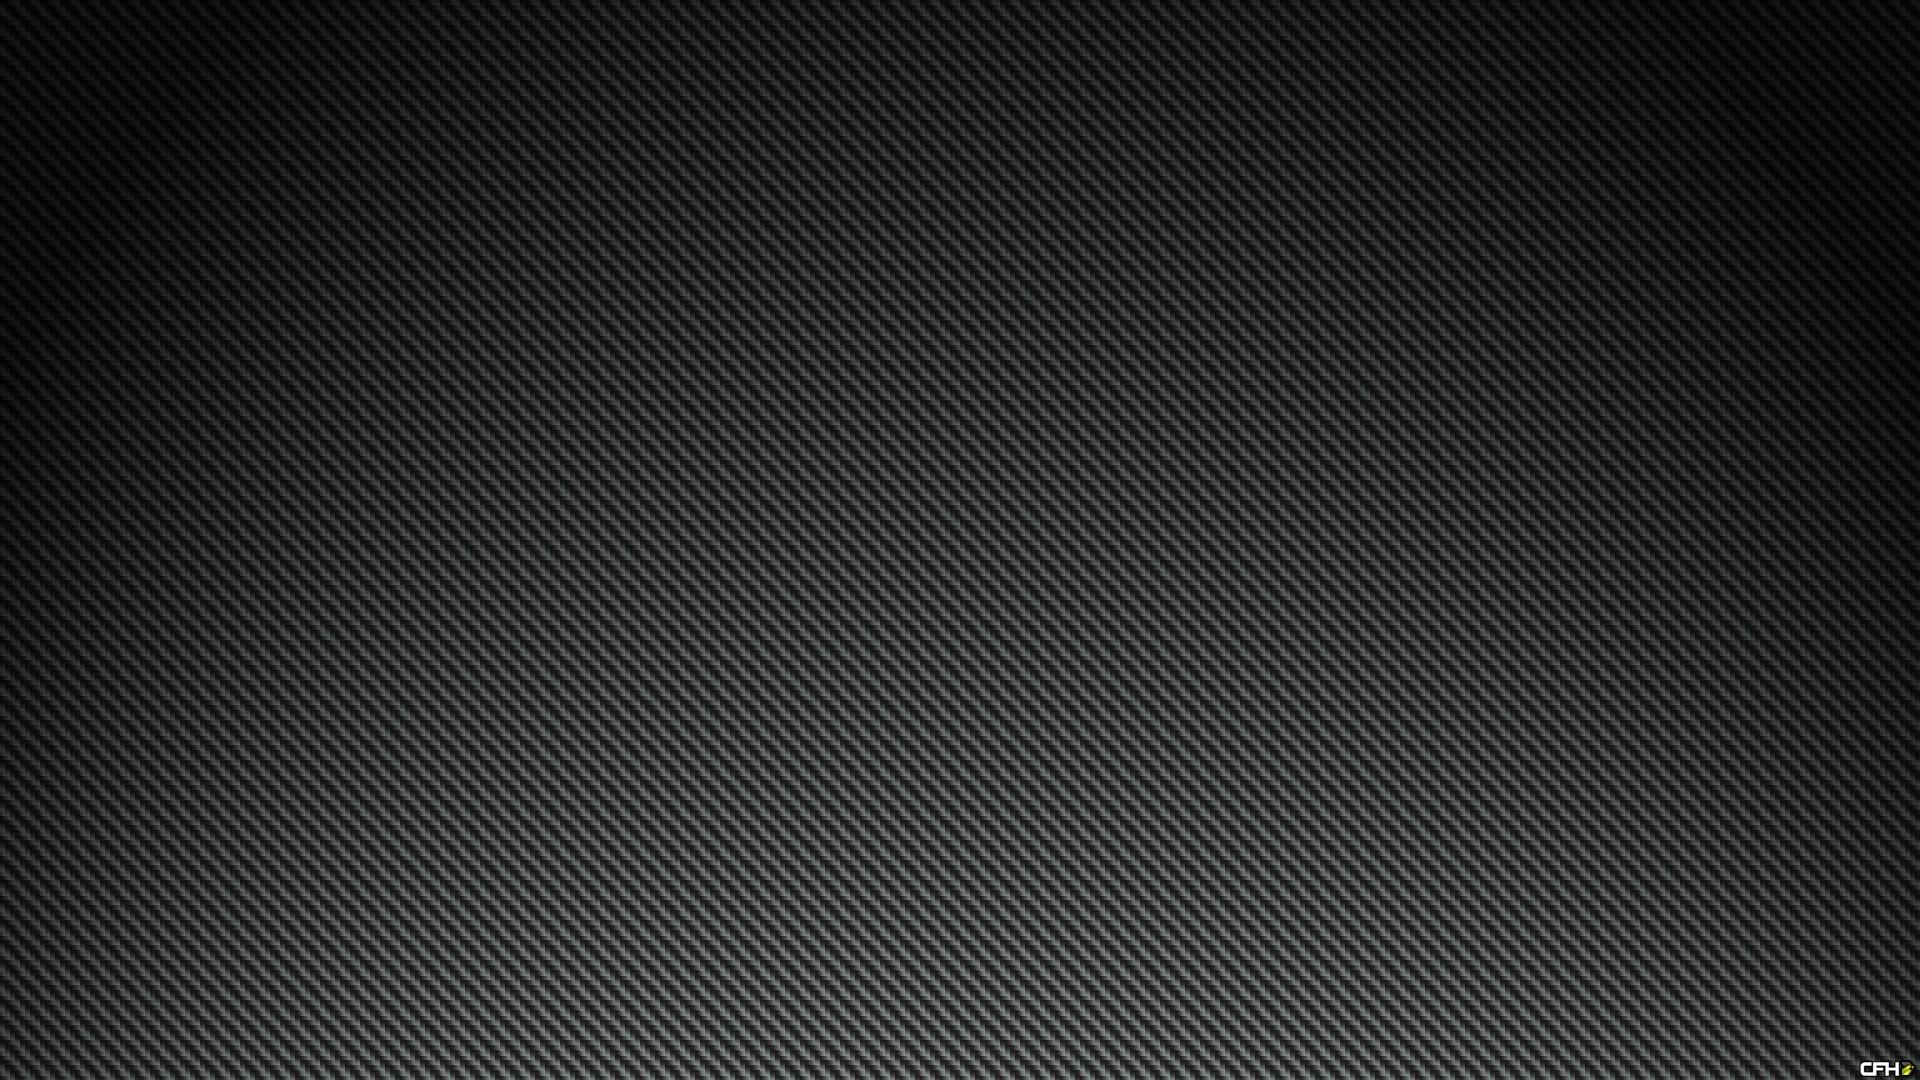 Carbon Fiber Wallpaper Vidur Carbon Fiber Wallpaper 2017